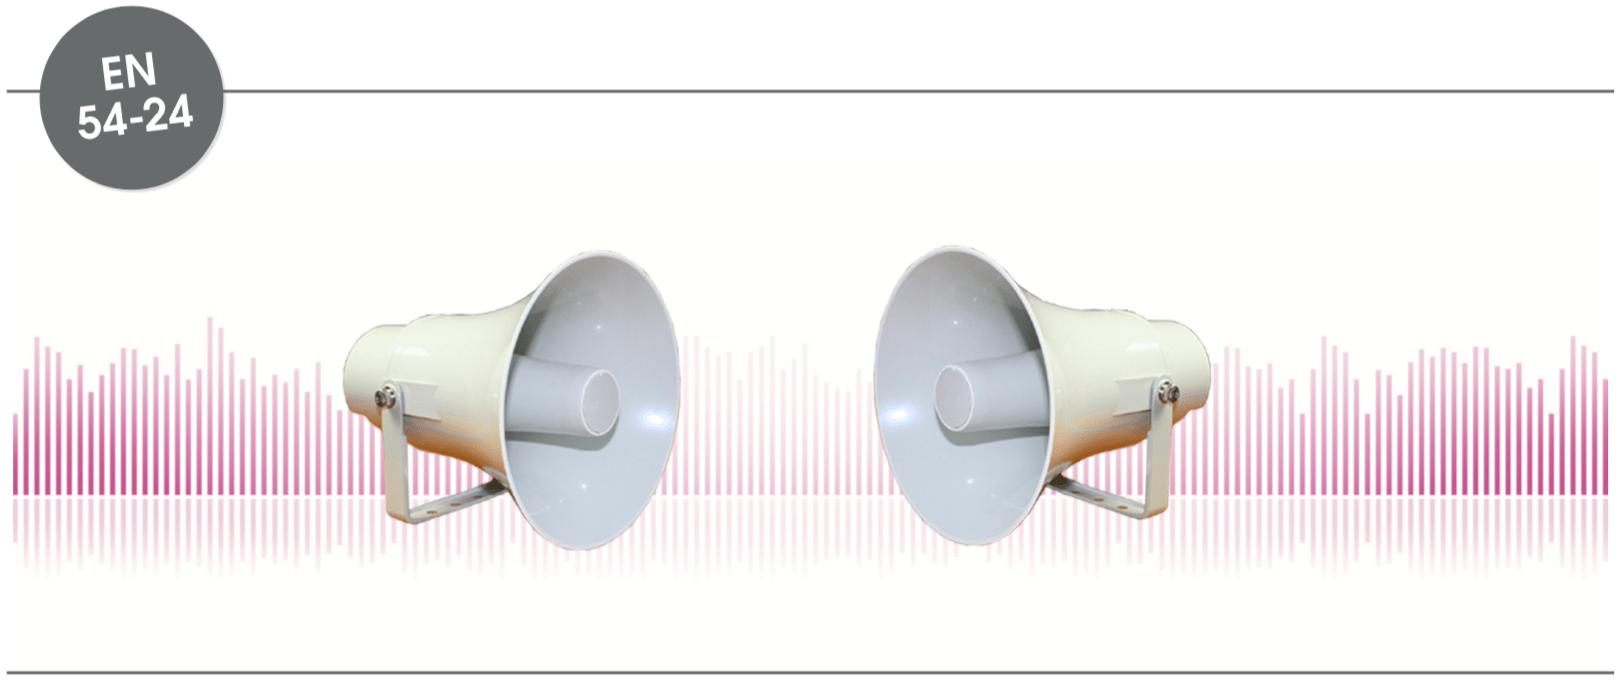 VOICE-15T/EN5424